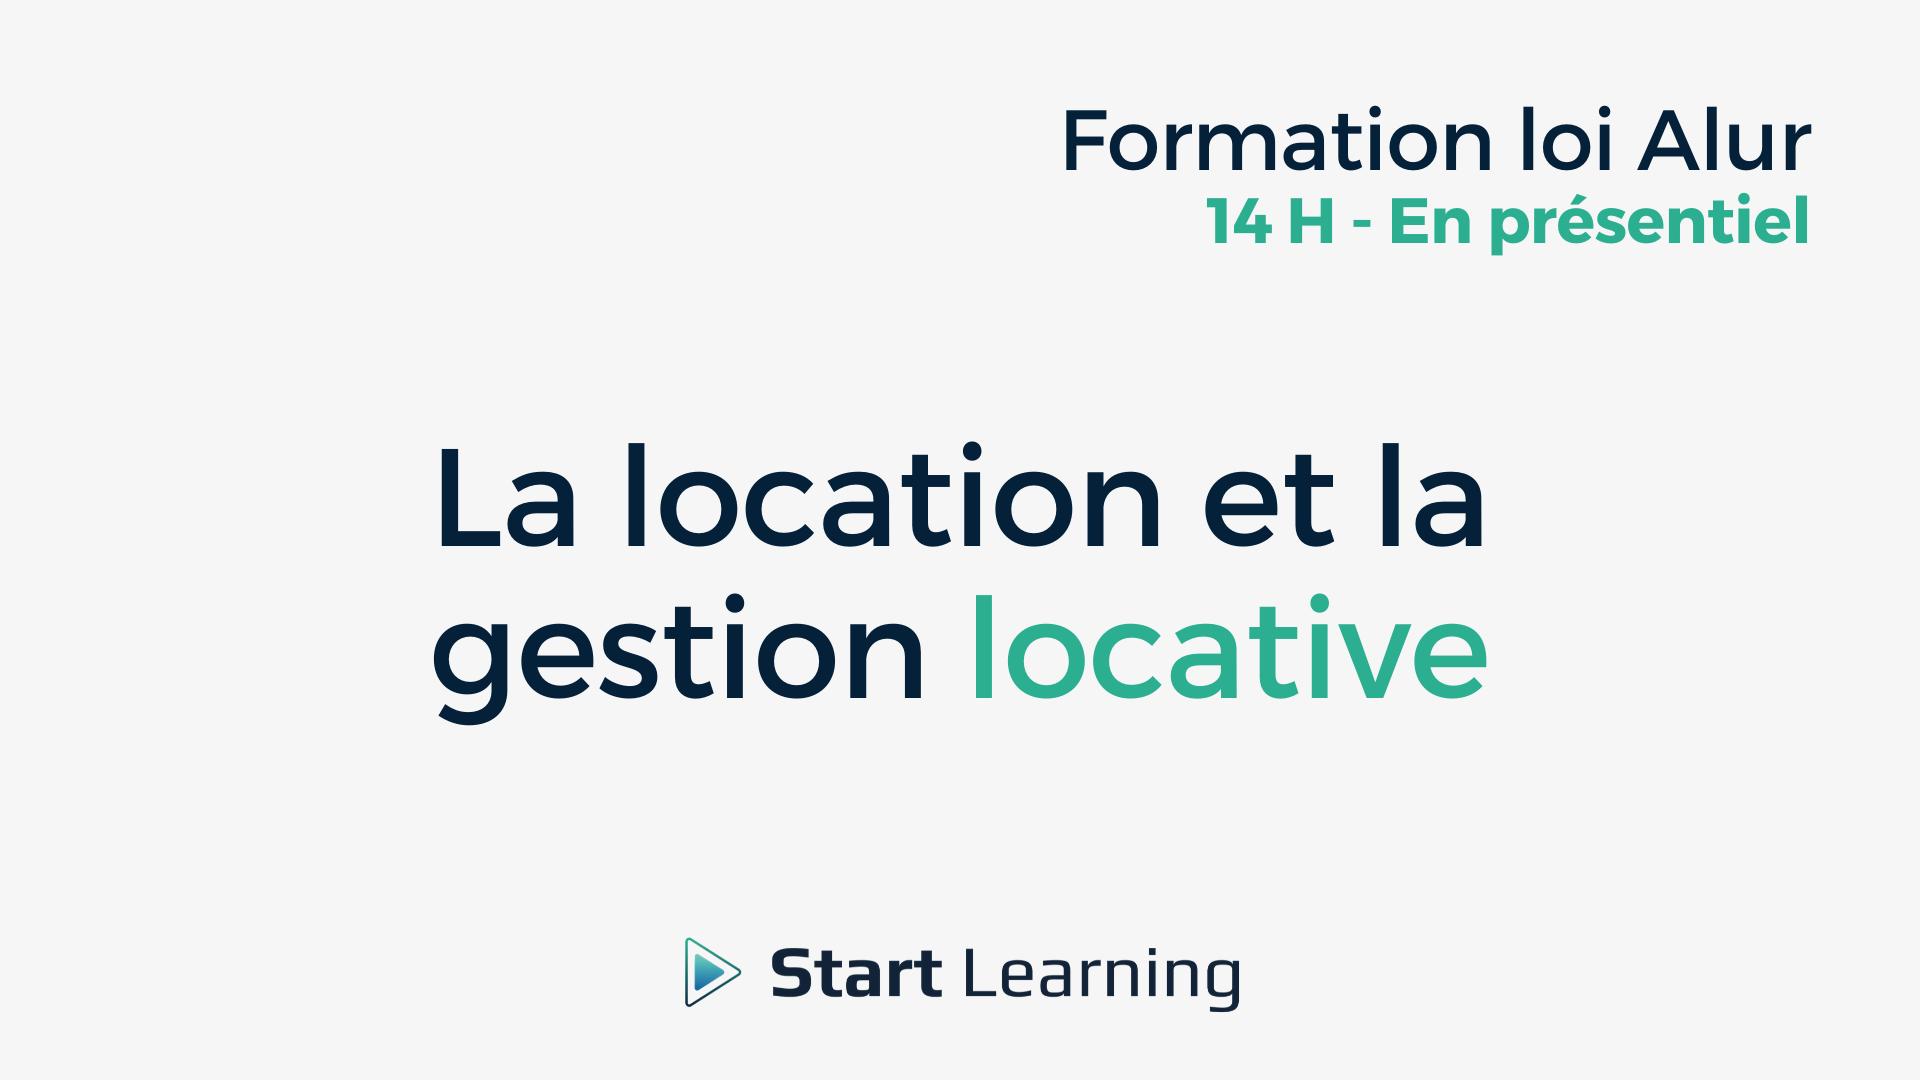 Formation loi Alur en présentiel - La location et la gestion locative